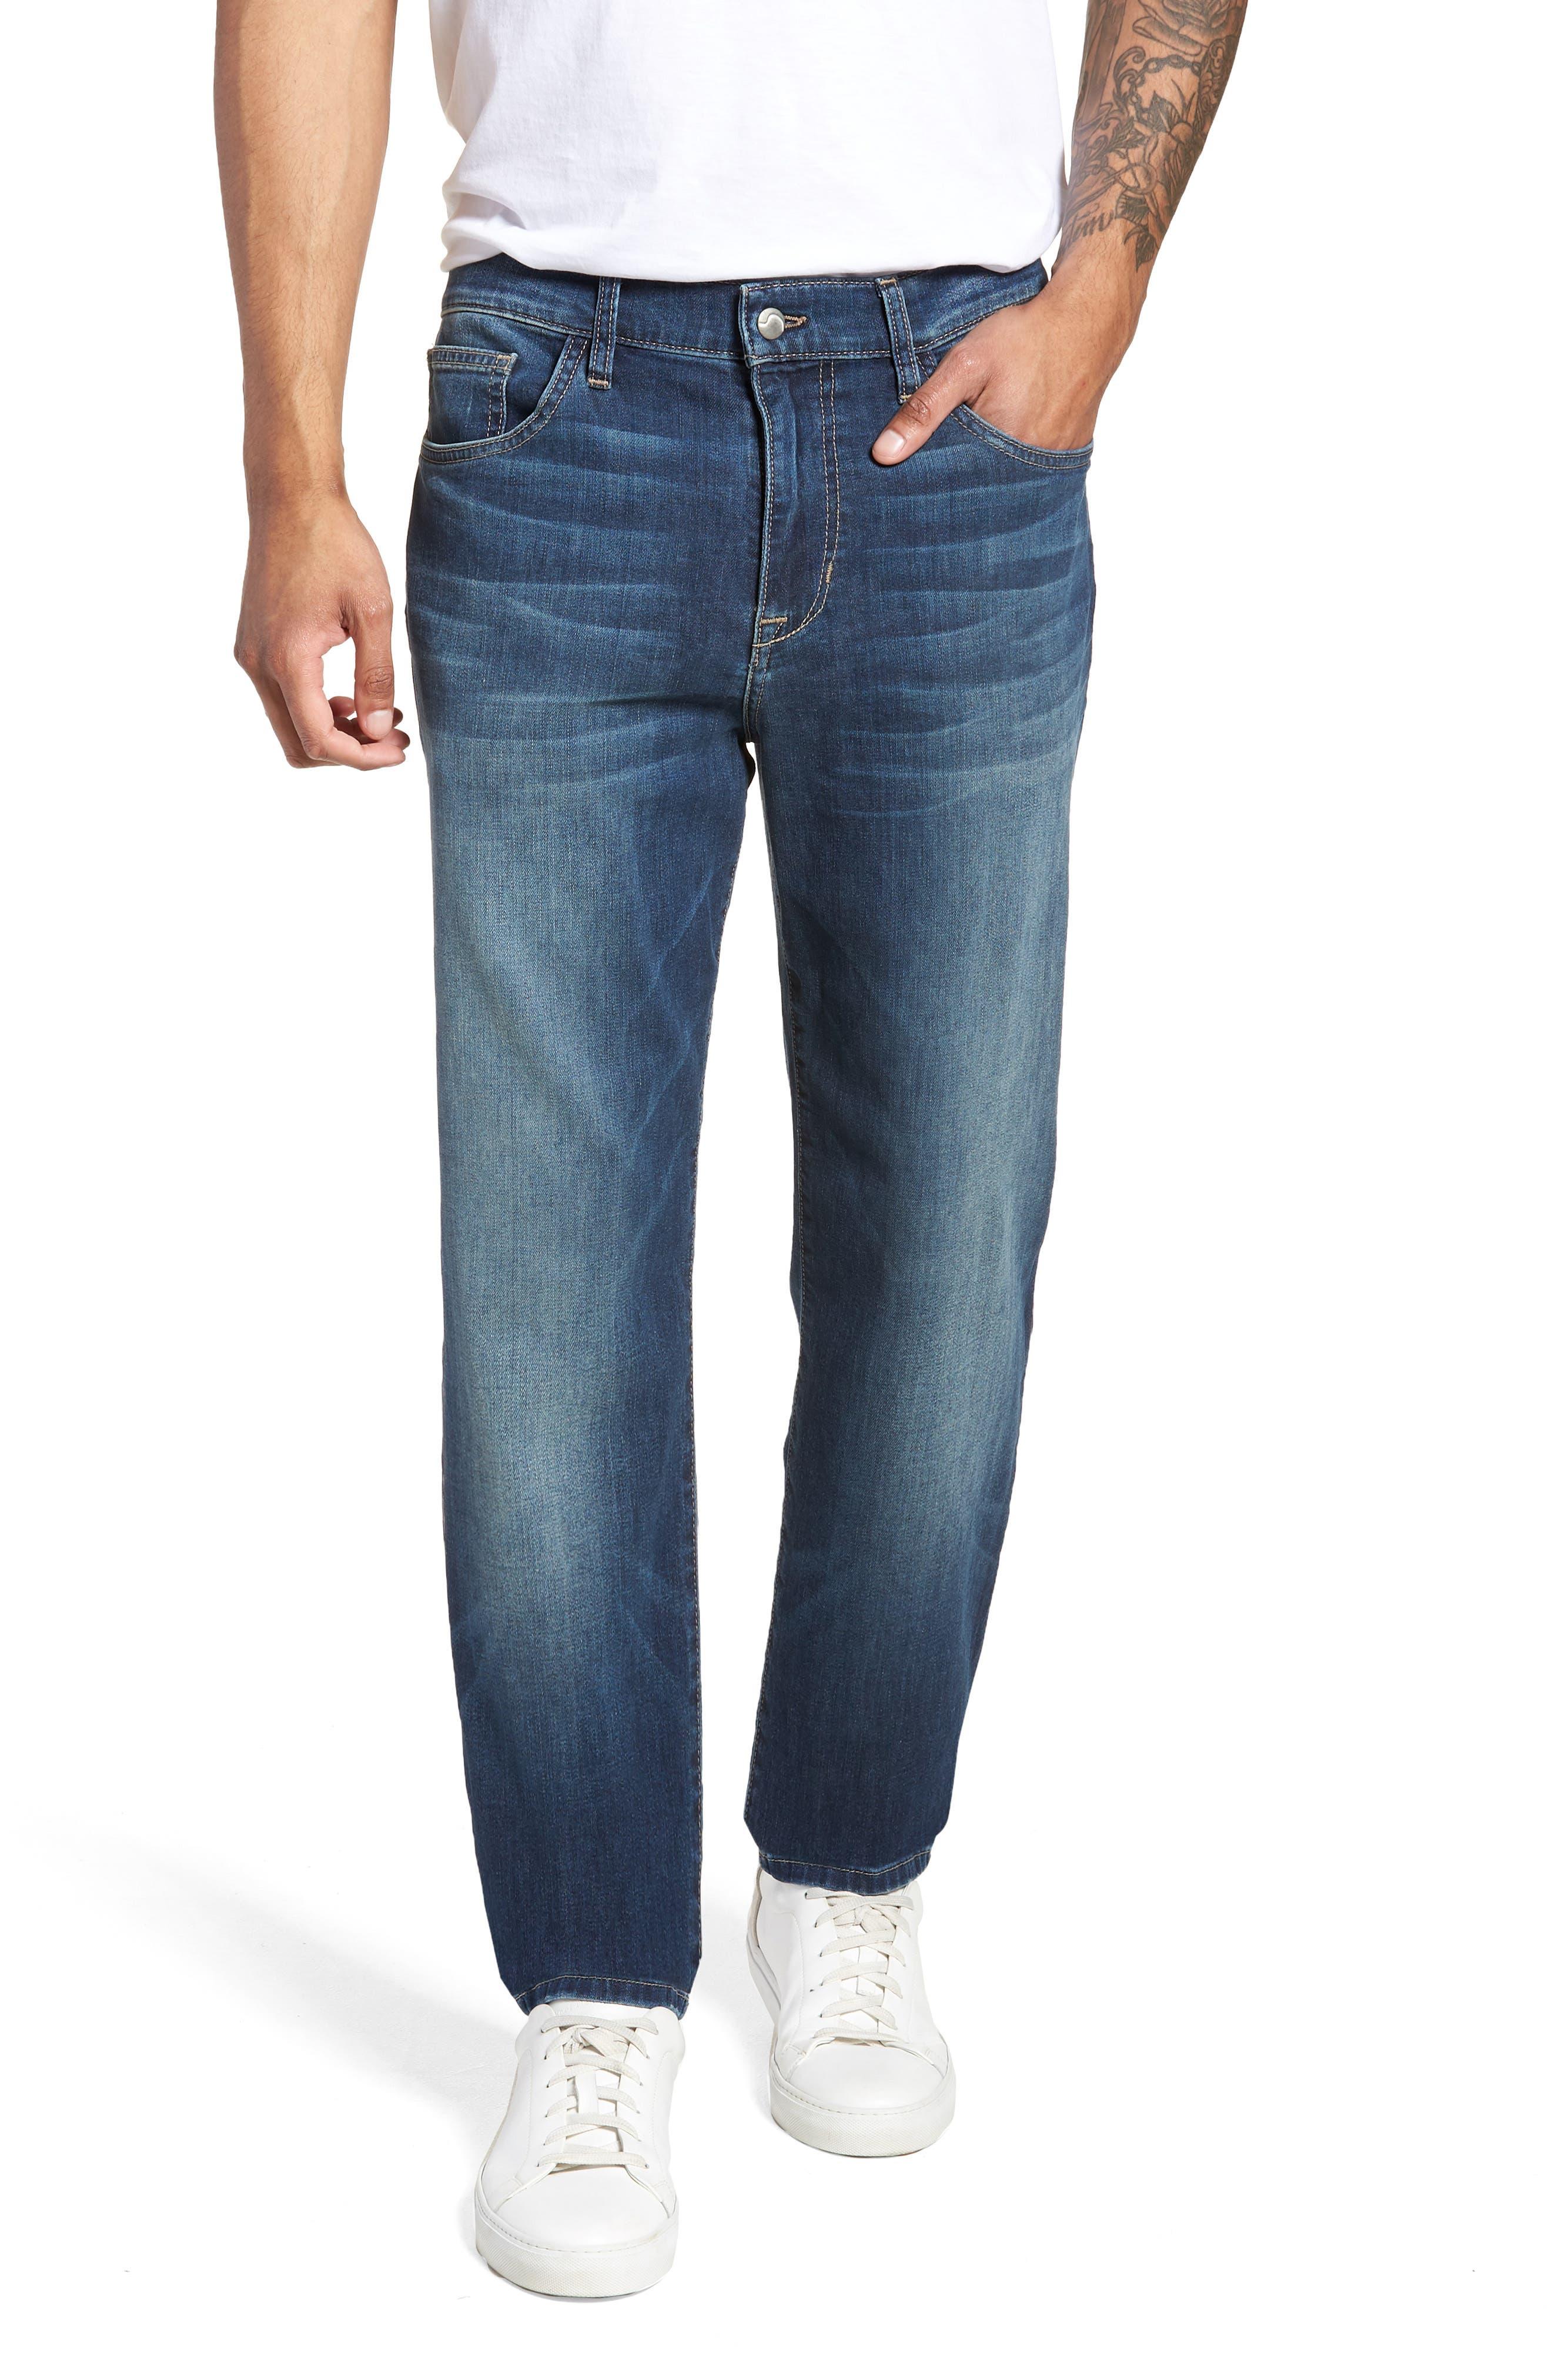 JOE'S Men'S The Folsom Straight-Leg Jeans in Brady